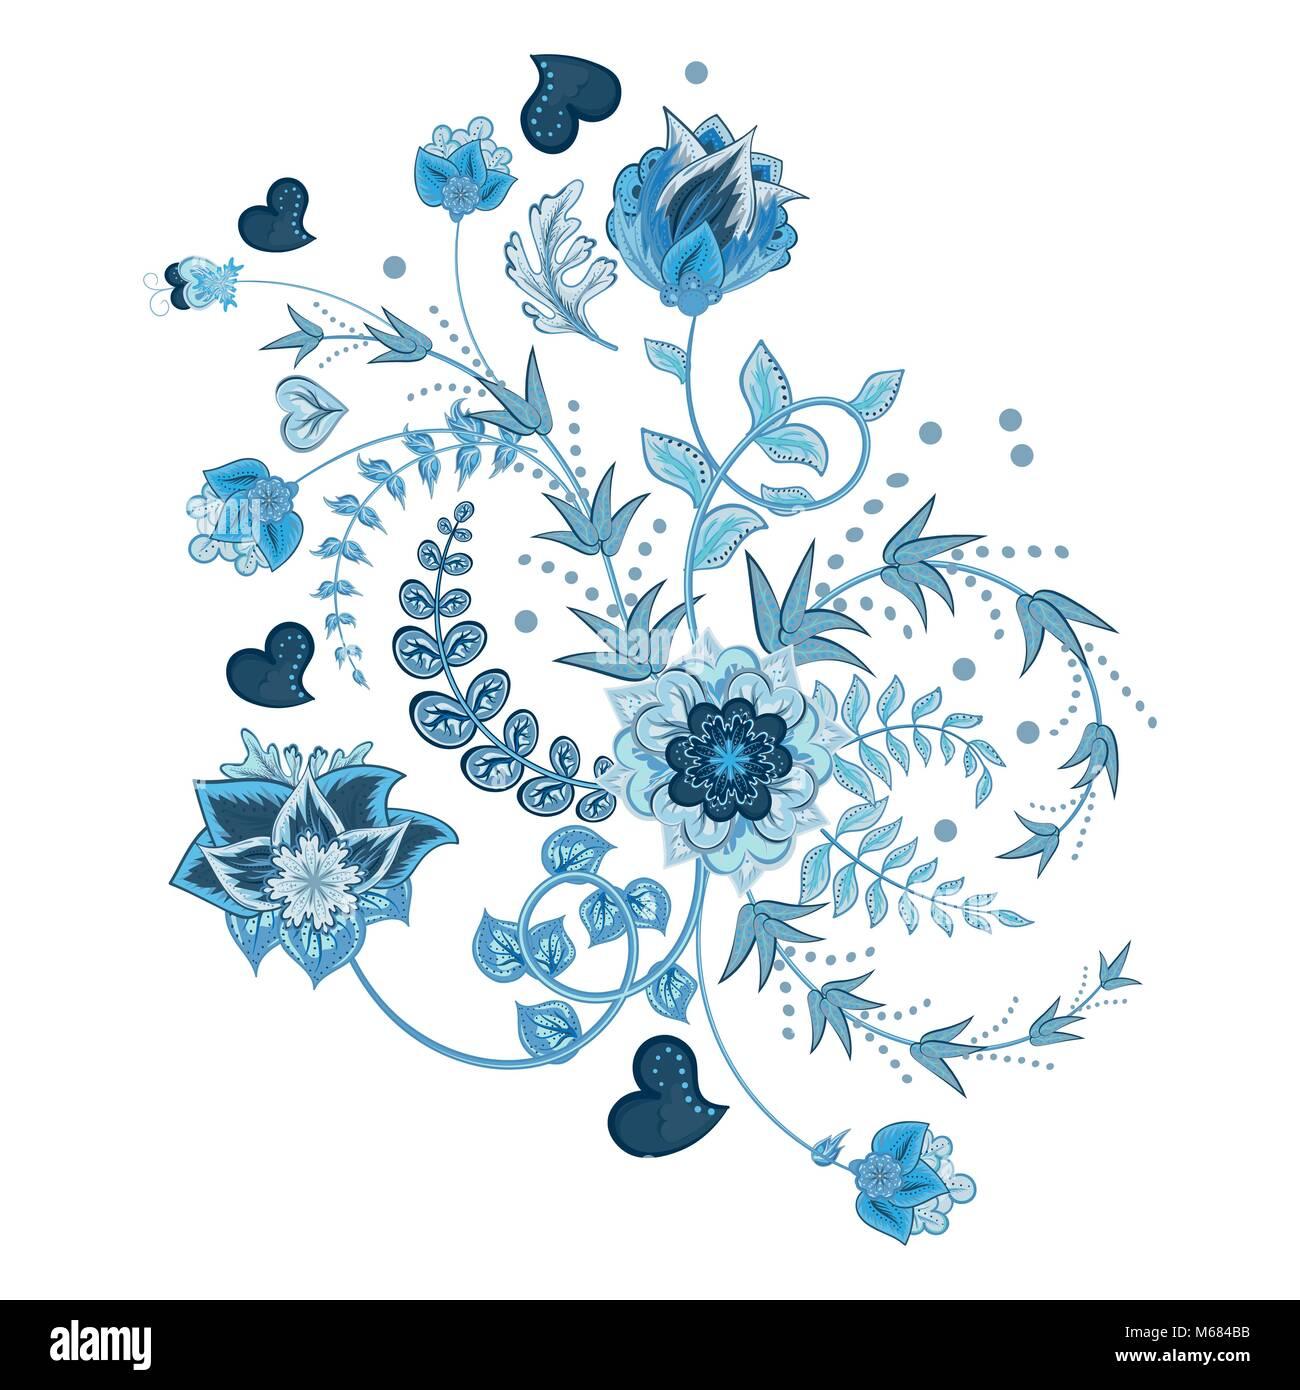 Stock Vector Abstract Part Dessiner Fleur Doodle Bouquet